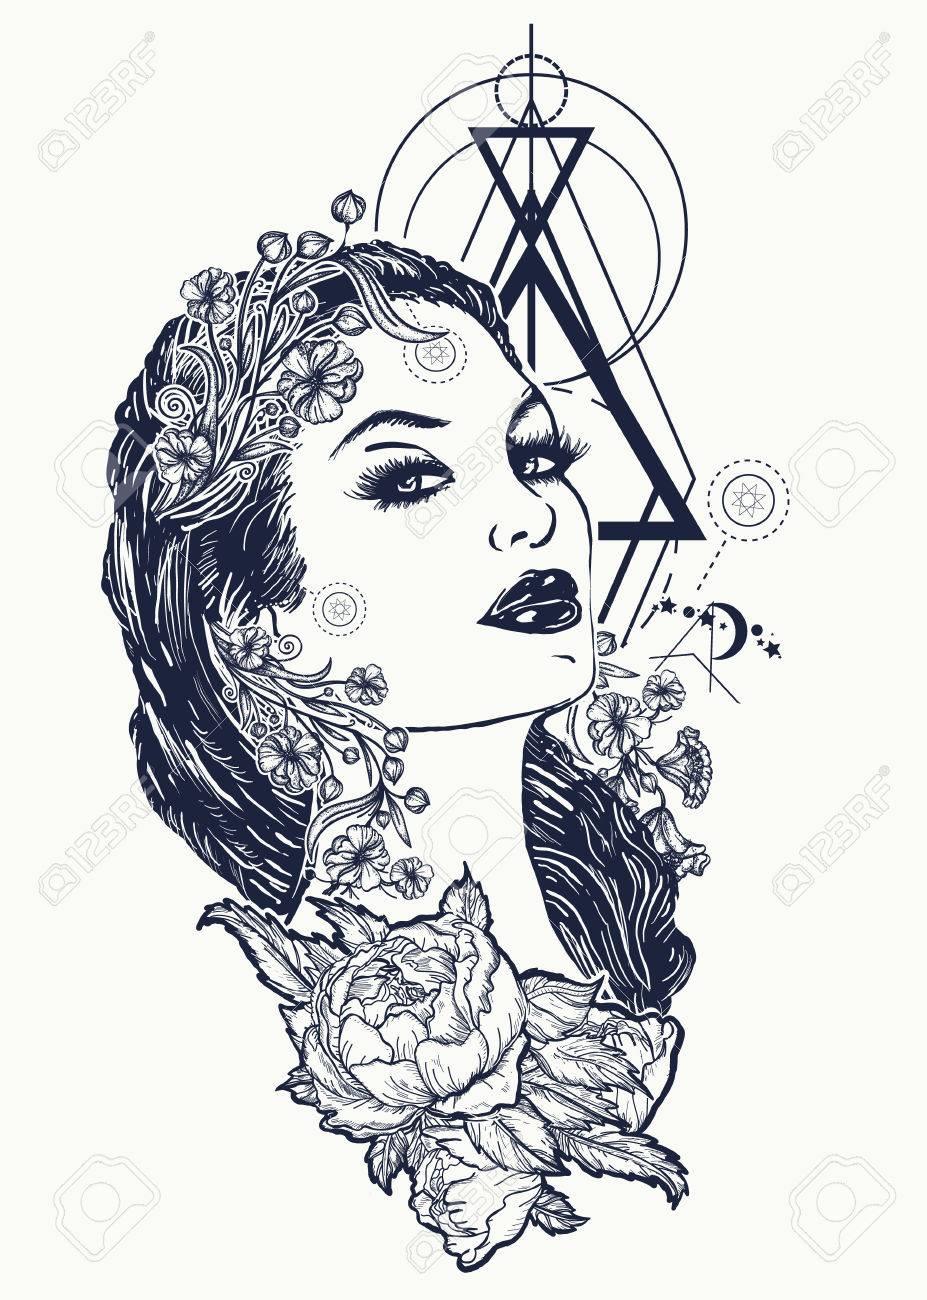 Dessin De Tatouage Et De T Shirt Femme Art Nouveau Symbole D Une